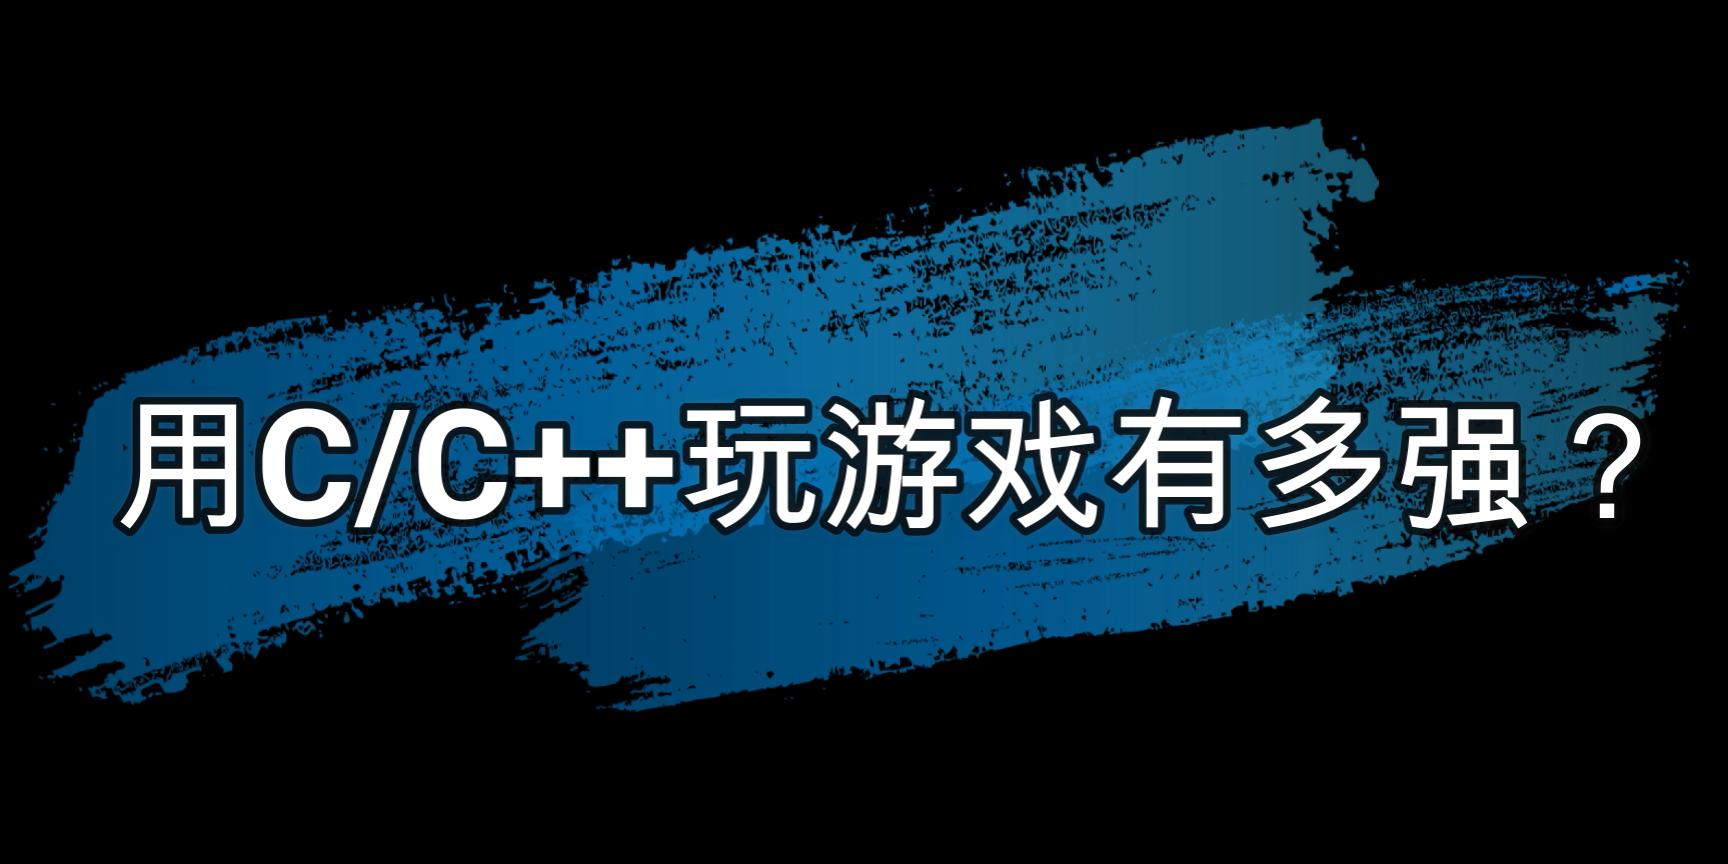 C/C++在逆向環境下究竟有多強??